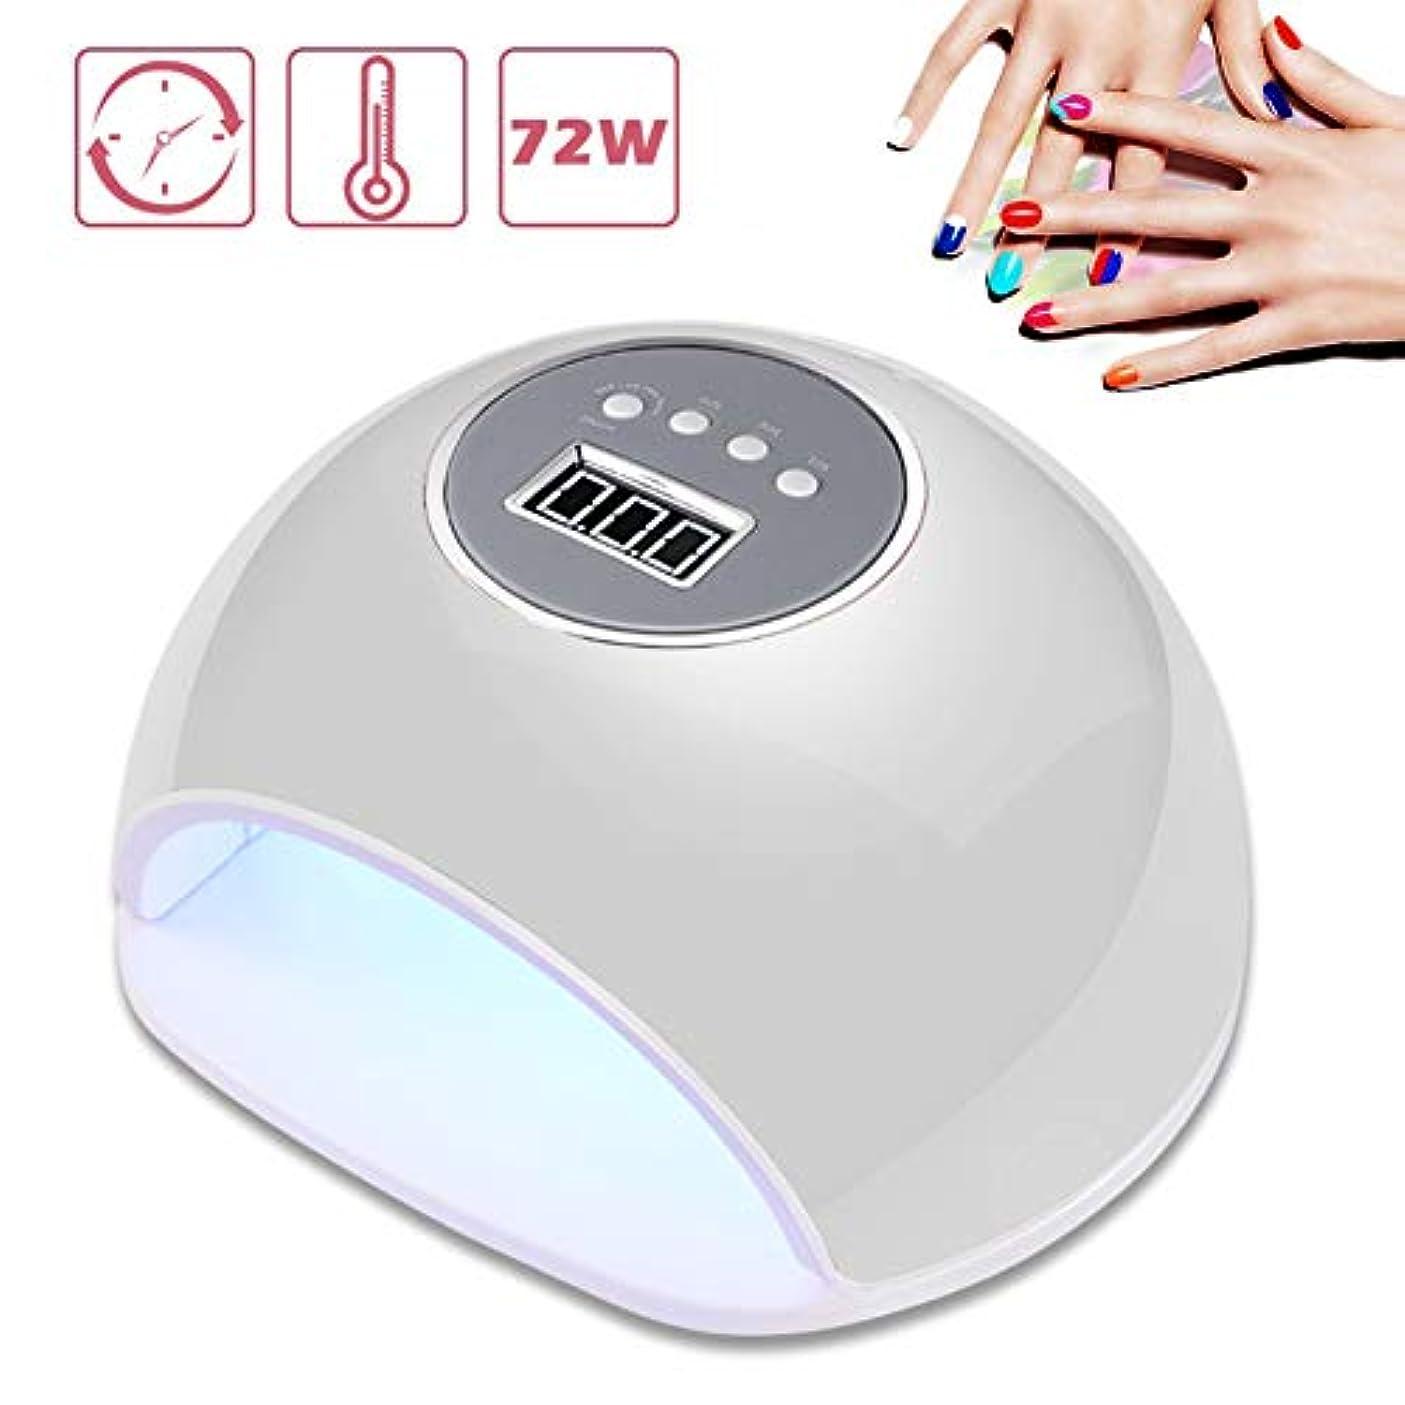 セッティング変化スパンネイルジェル用LED UVランプ、ジェルポリッシュ用72ワット高速ネイルドライヤー、4タイマー設定、スマート自動検知、LEDデジタルディスプレイ、爪と爪用のネイルアートツール,白